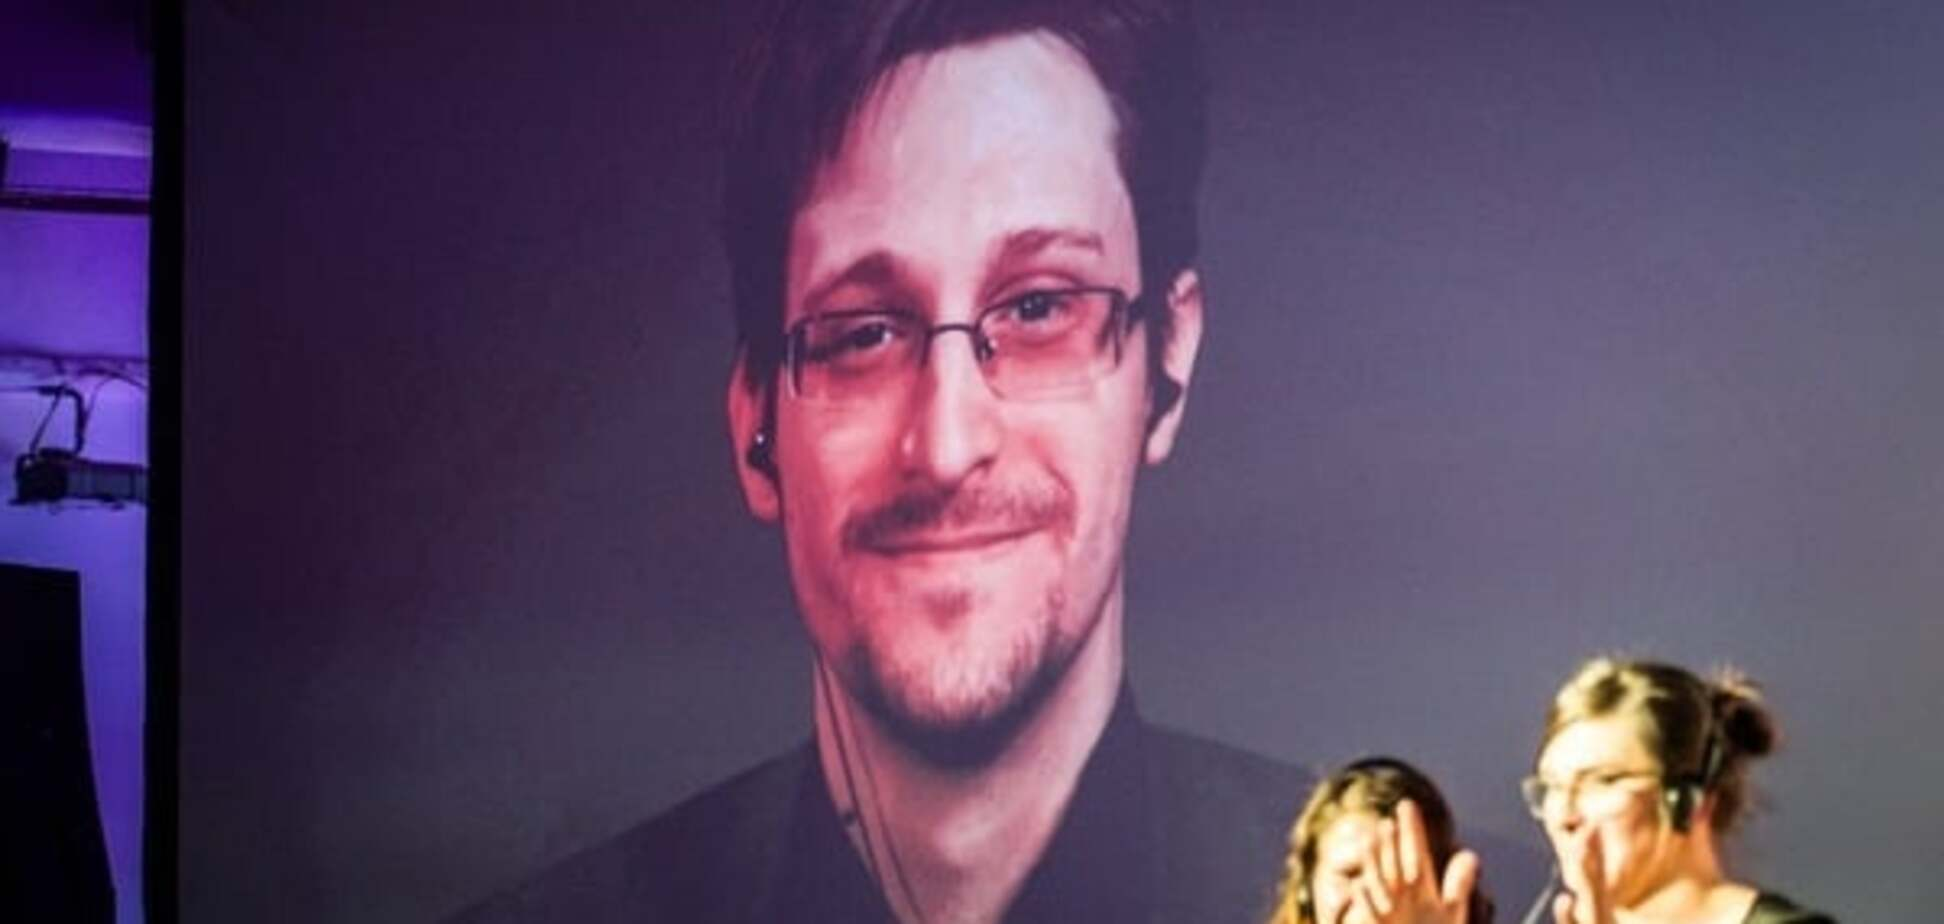 Слишком далеко зашла: Сноуден заявил, что за хакерскими атаками на США может стоять Россия